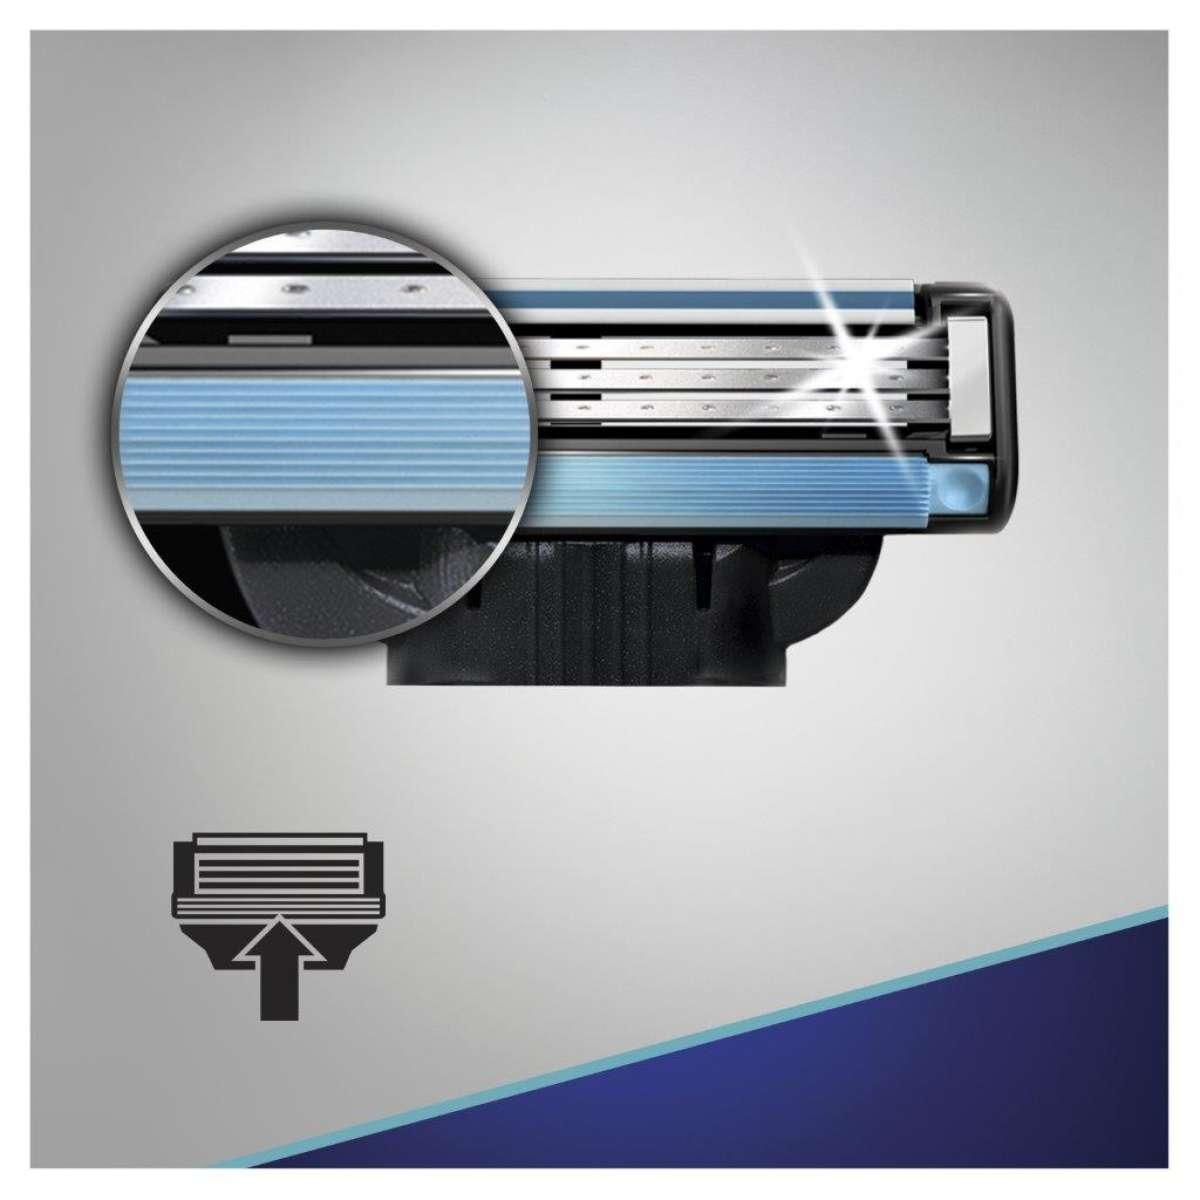 Сменные картриджи для бритья (Лезвия) Gillette Mach 3 8 шт. фото 6